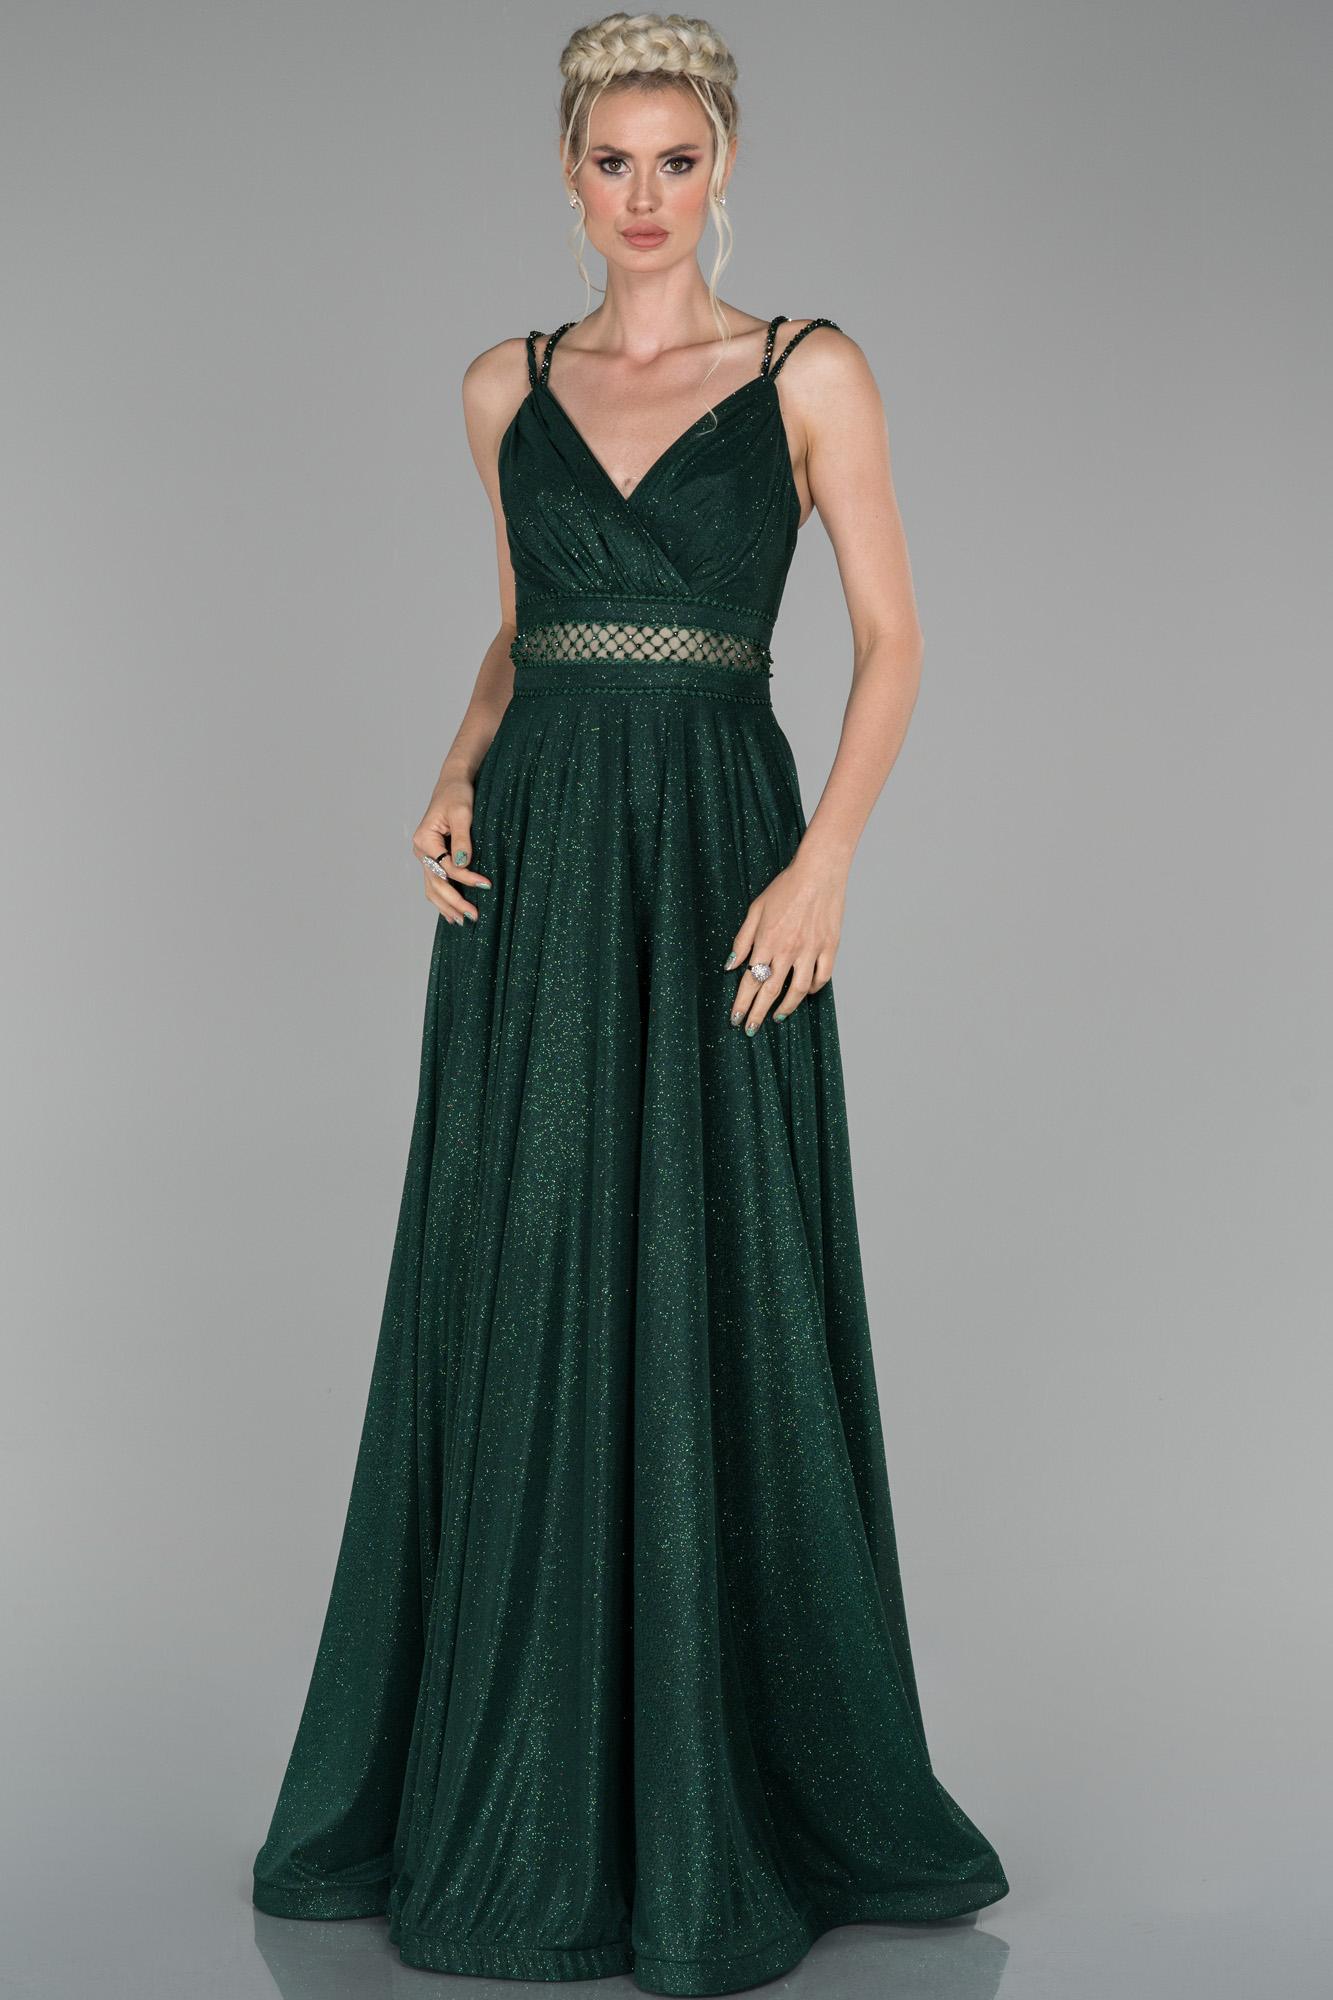 Zümrüt Yeşili Uzun Kruvaze Yaka Ip Askılı Abiye Elbise